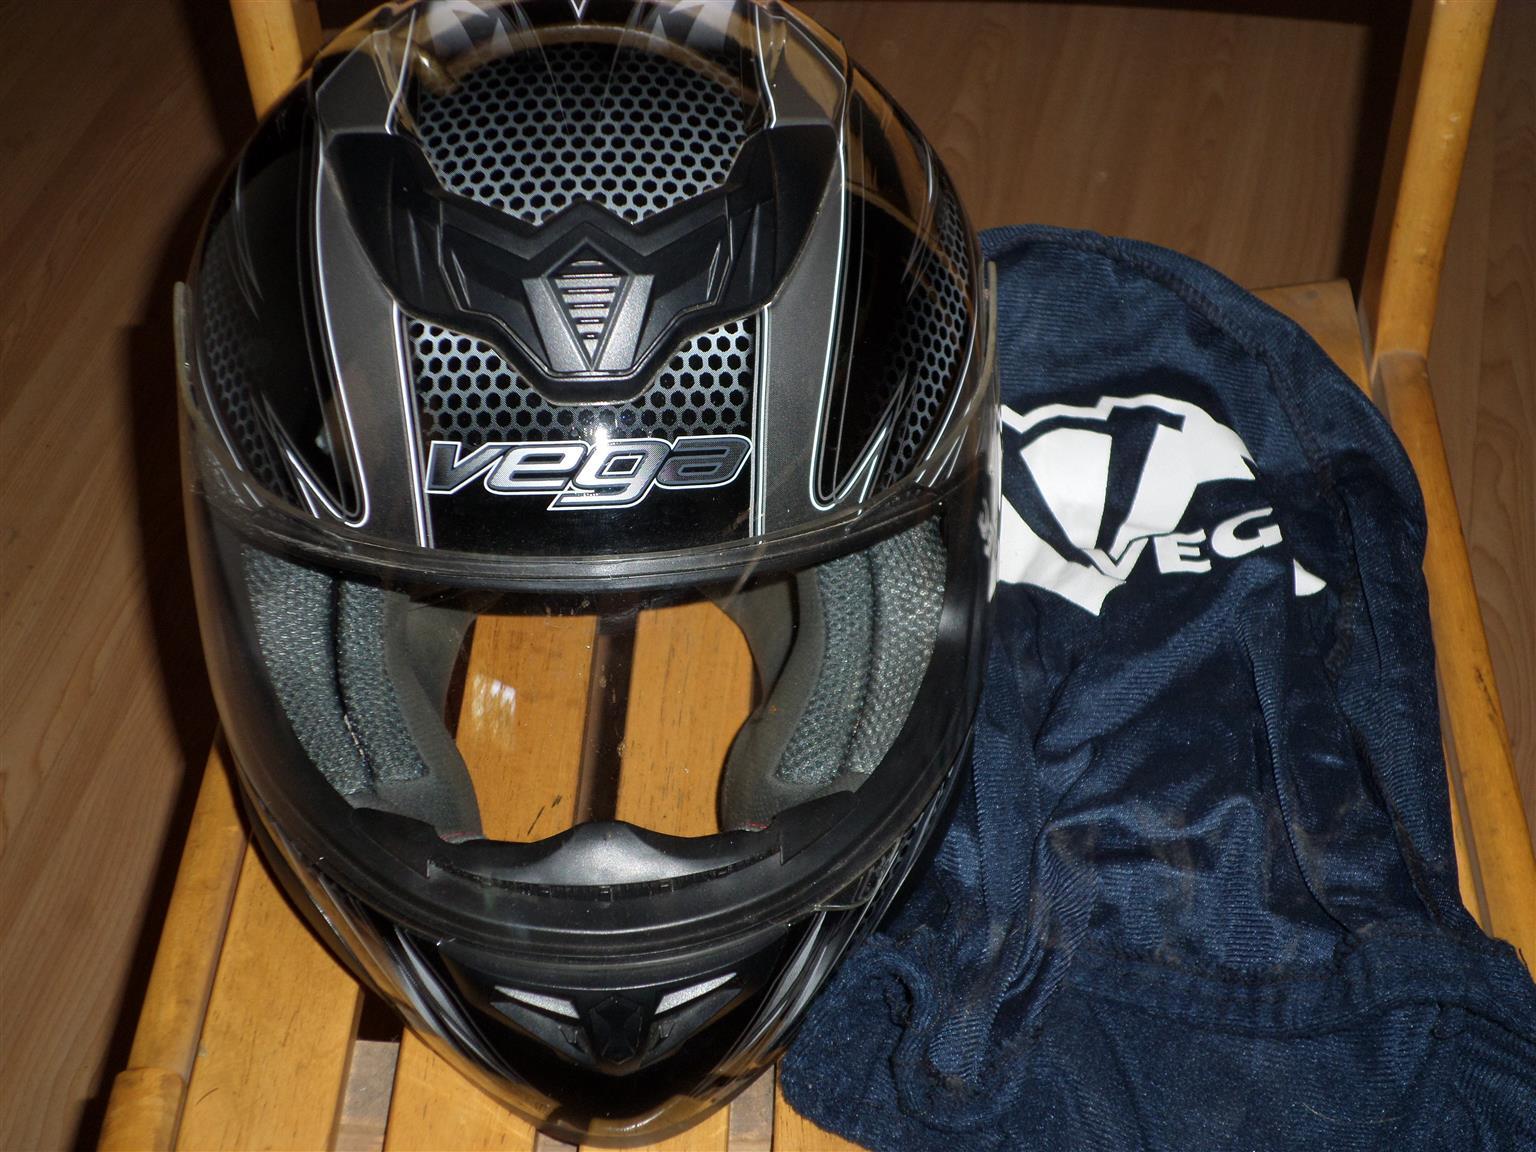 Vega Bike Helmet